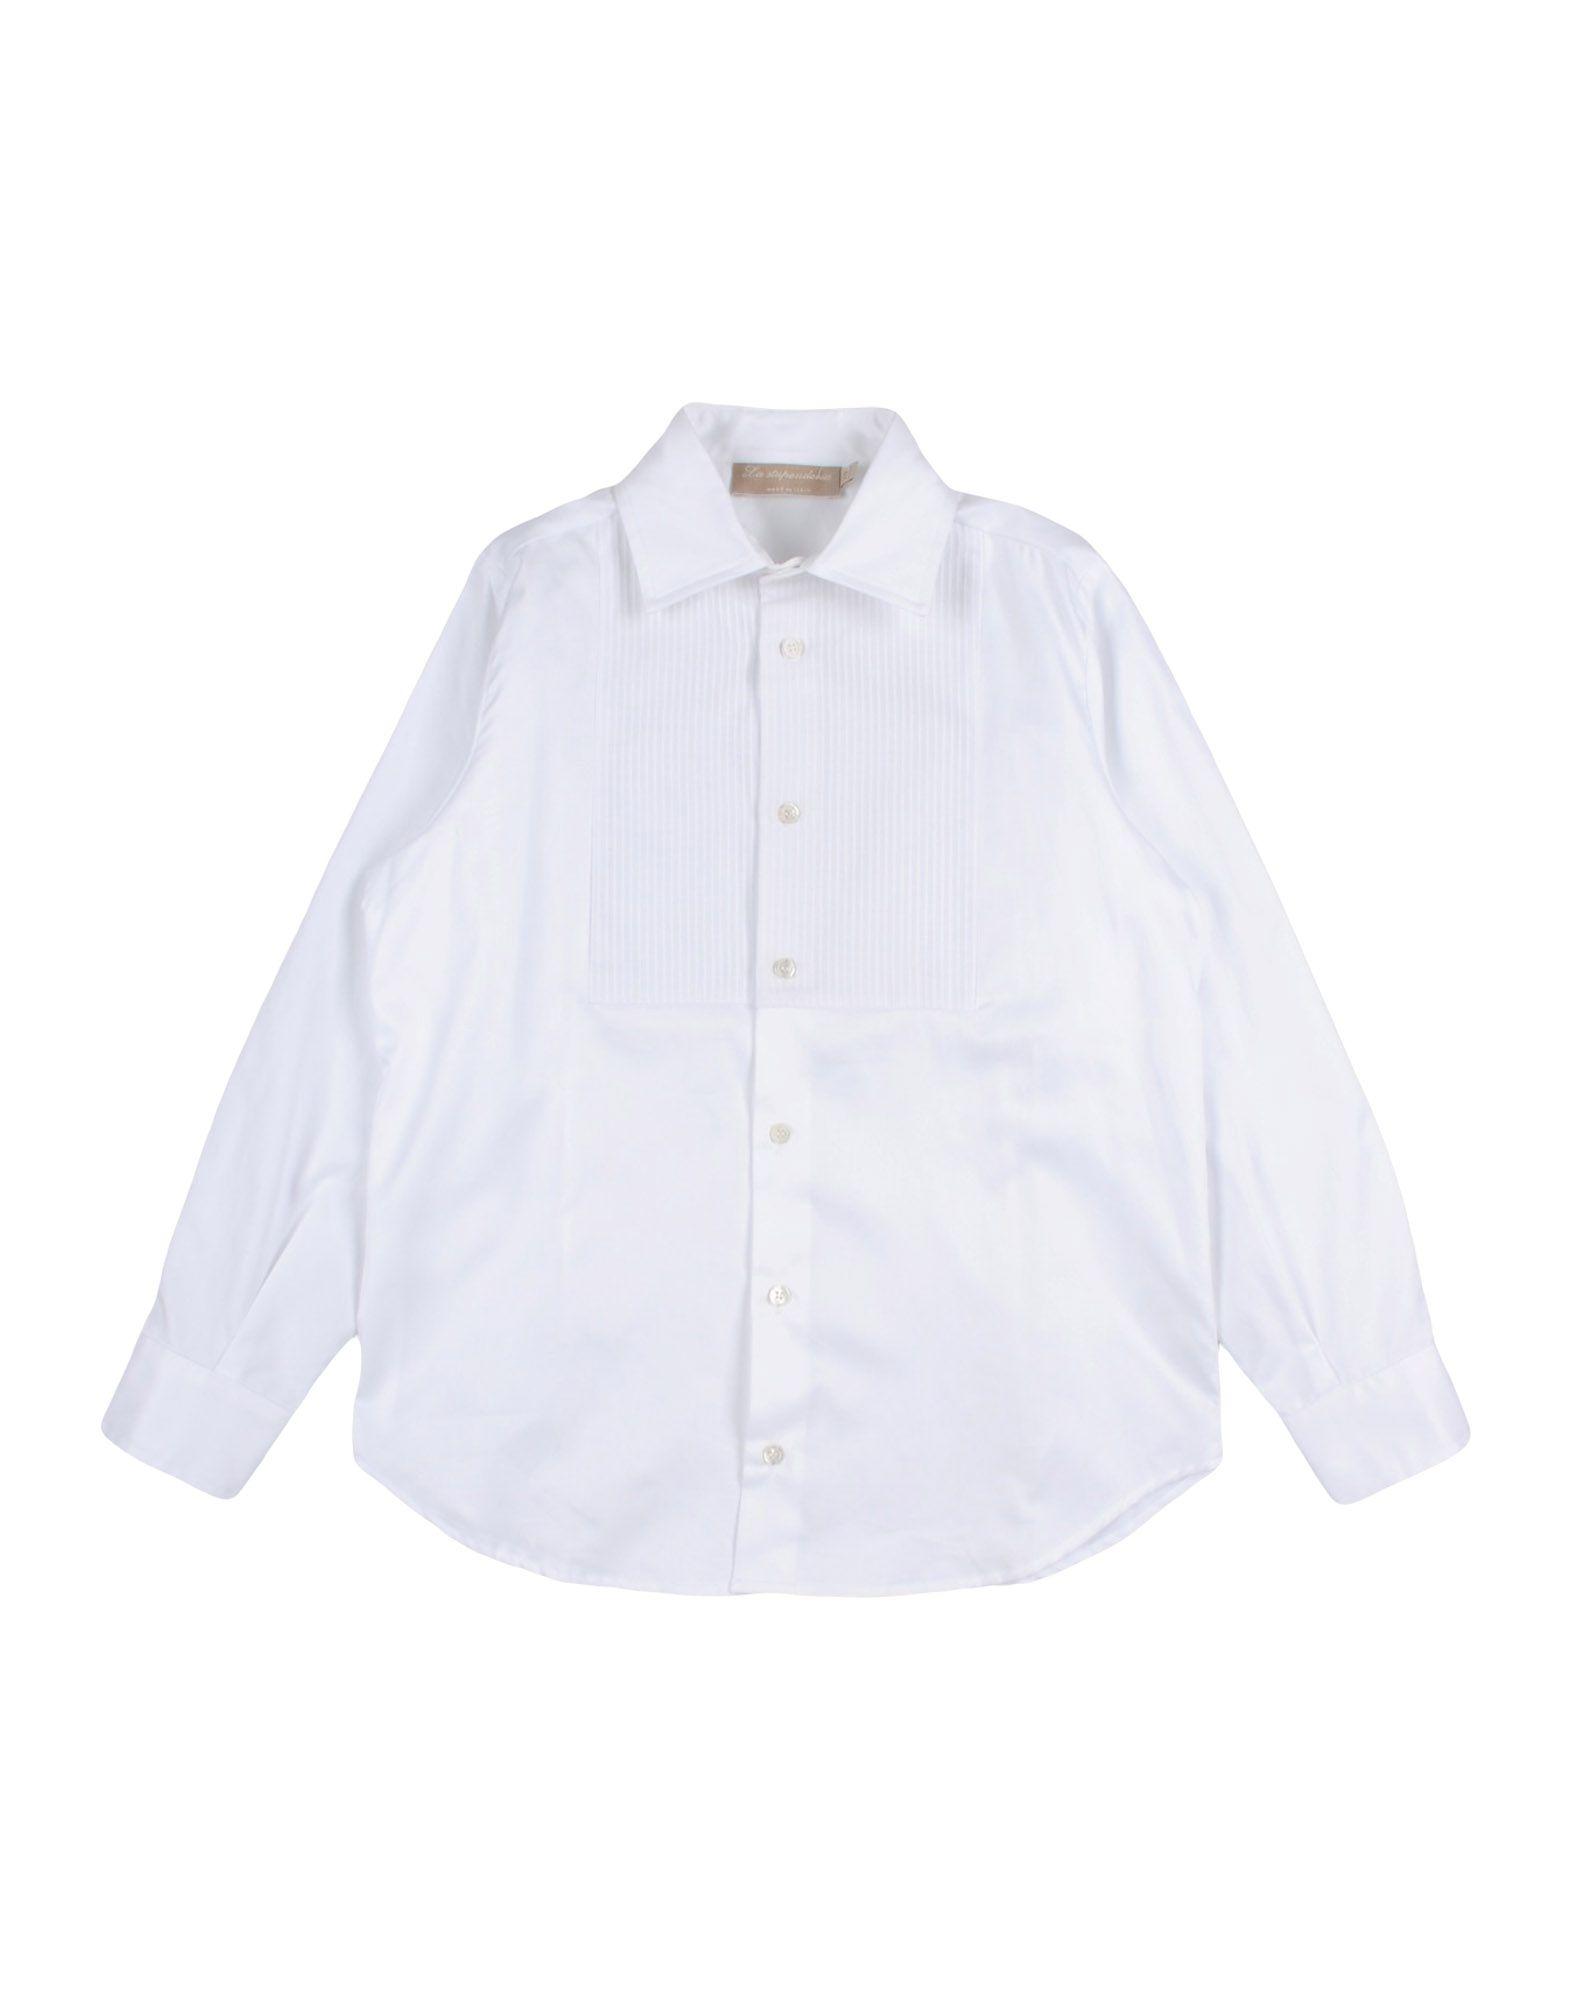 LA STUPENDERIA Solid Color Shirt in White